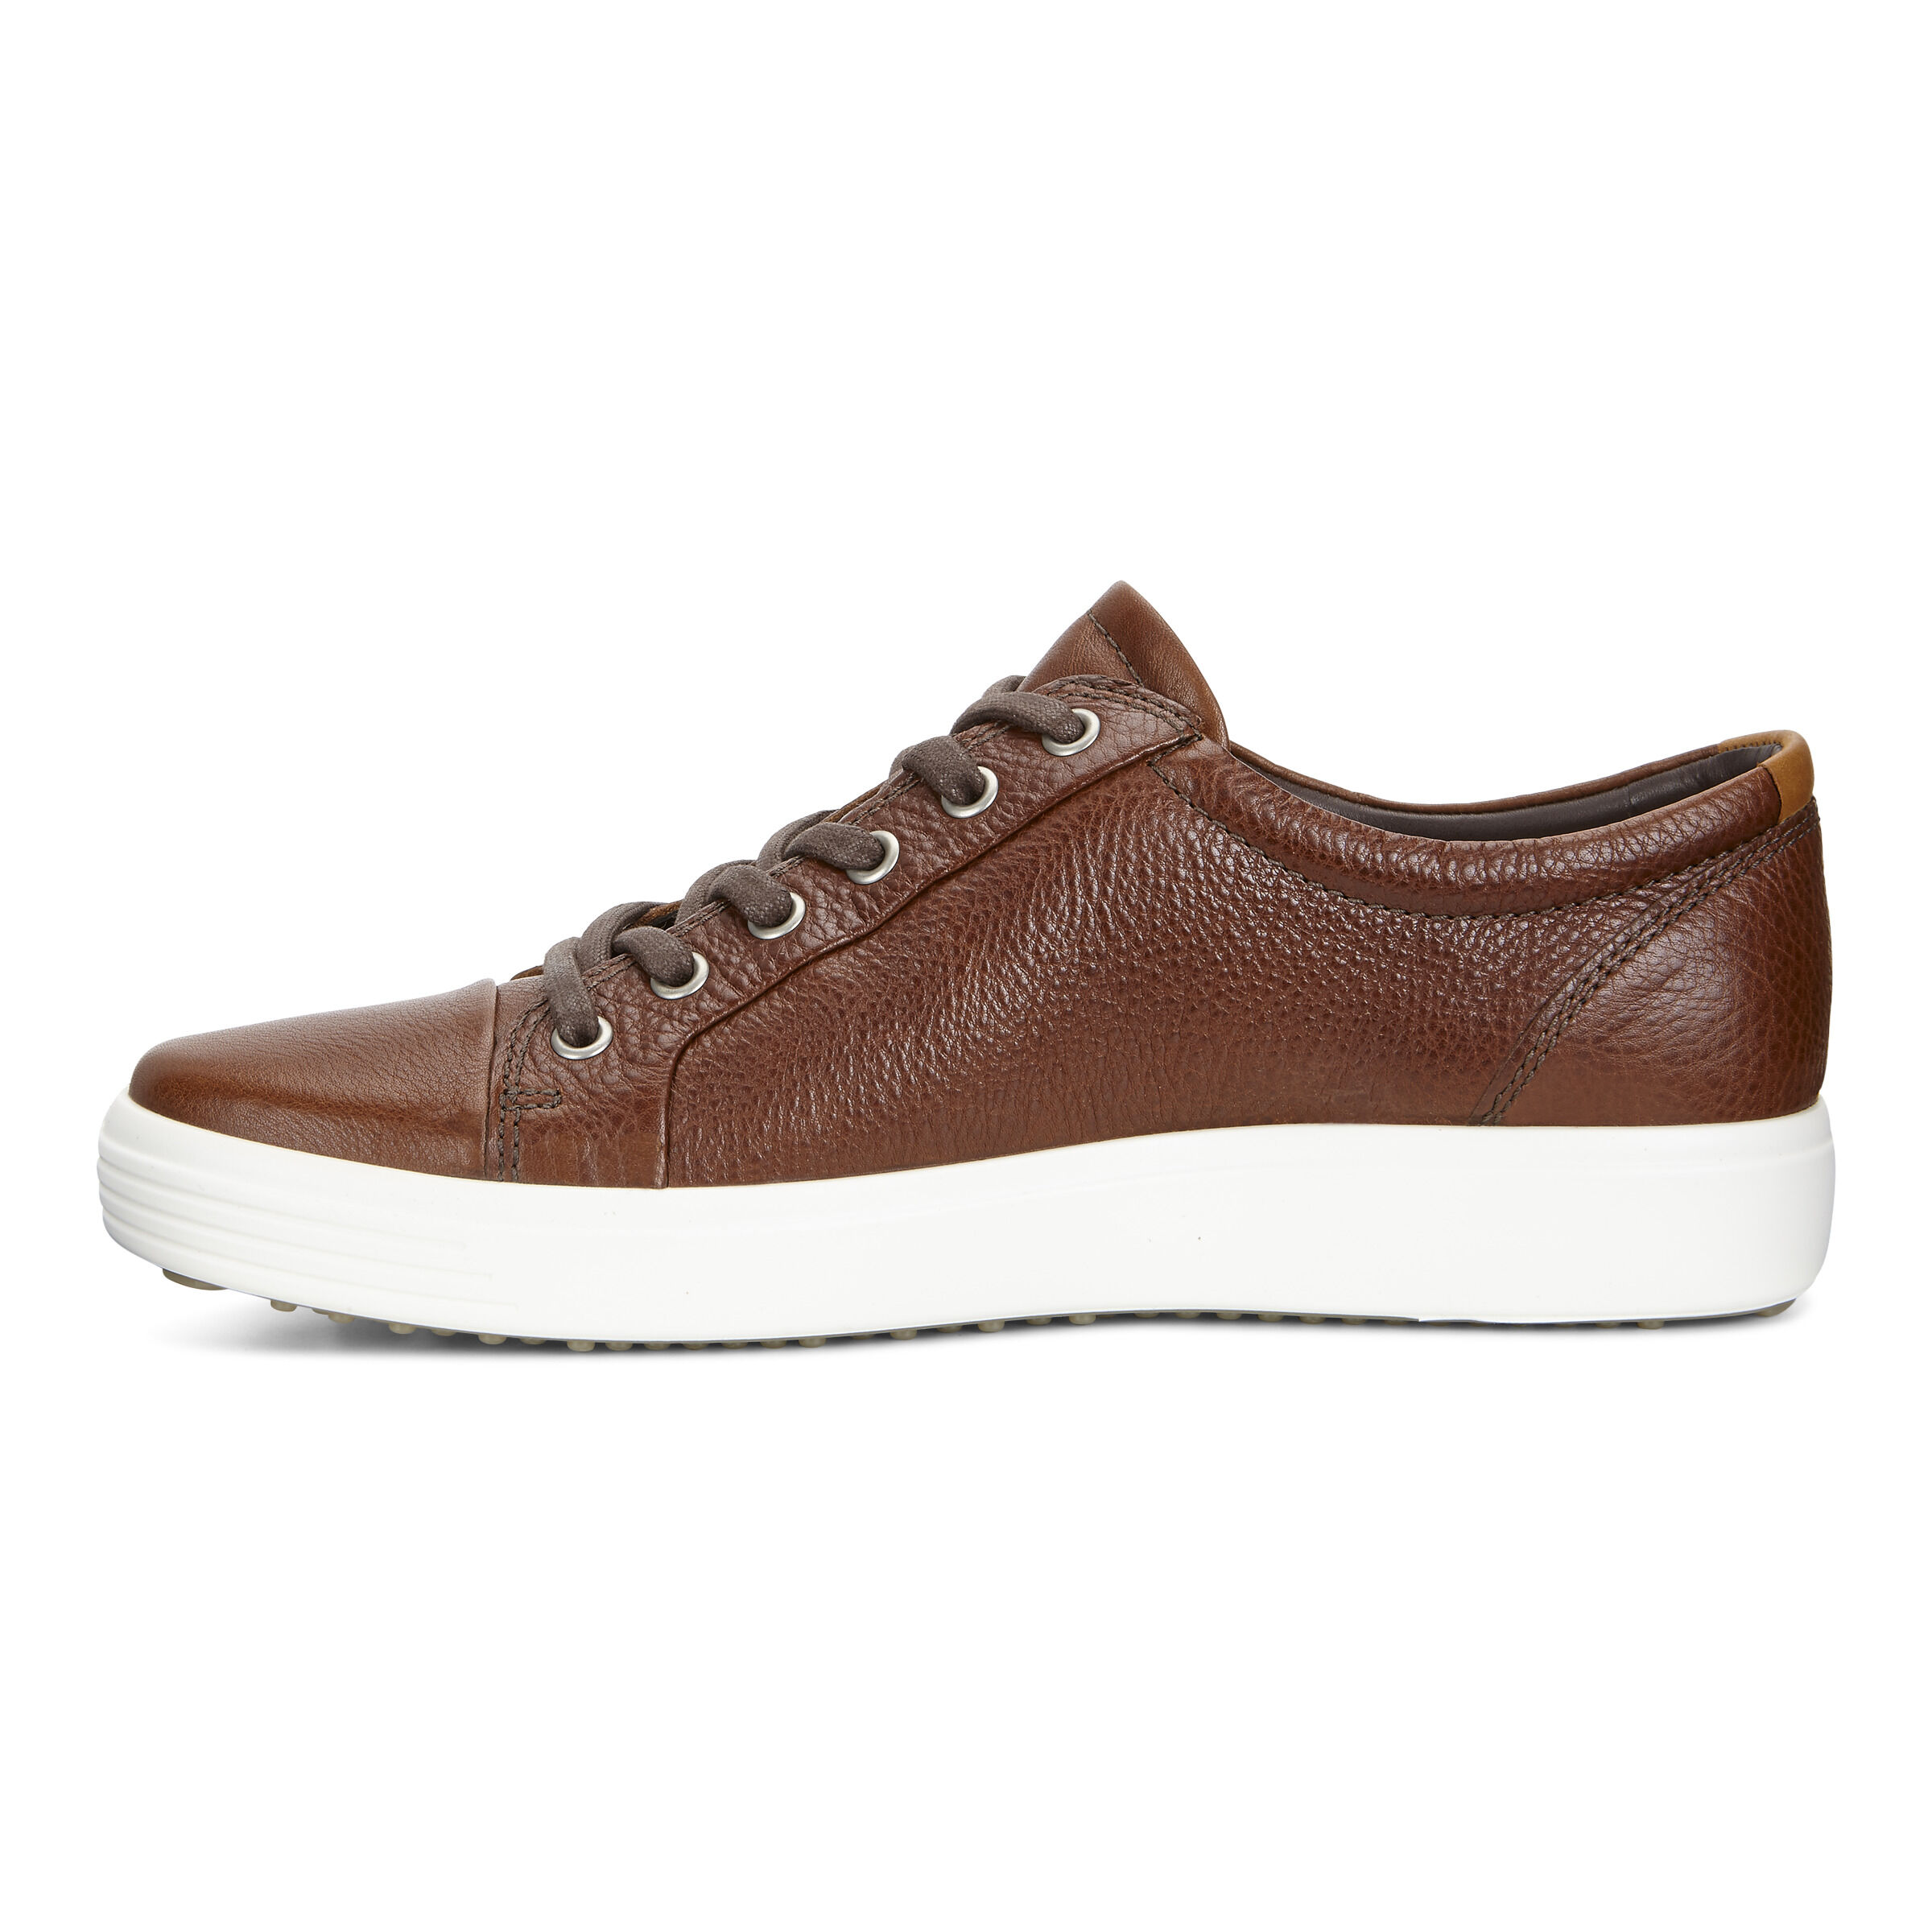 Men's Casual Shoes| ECCO® Shoes